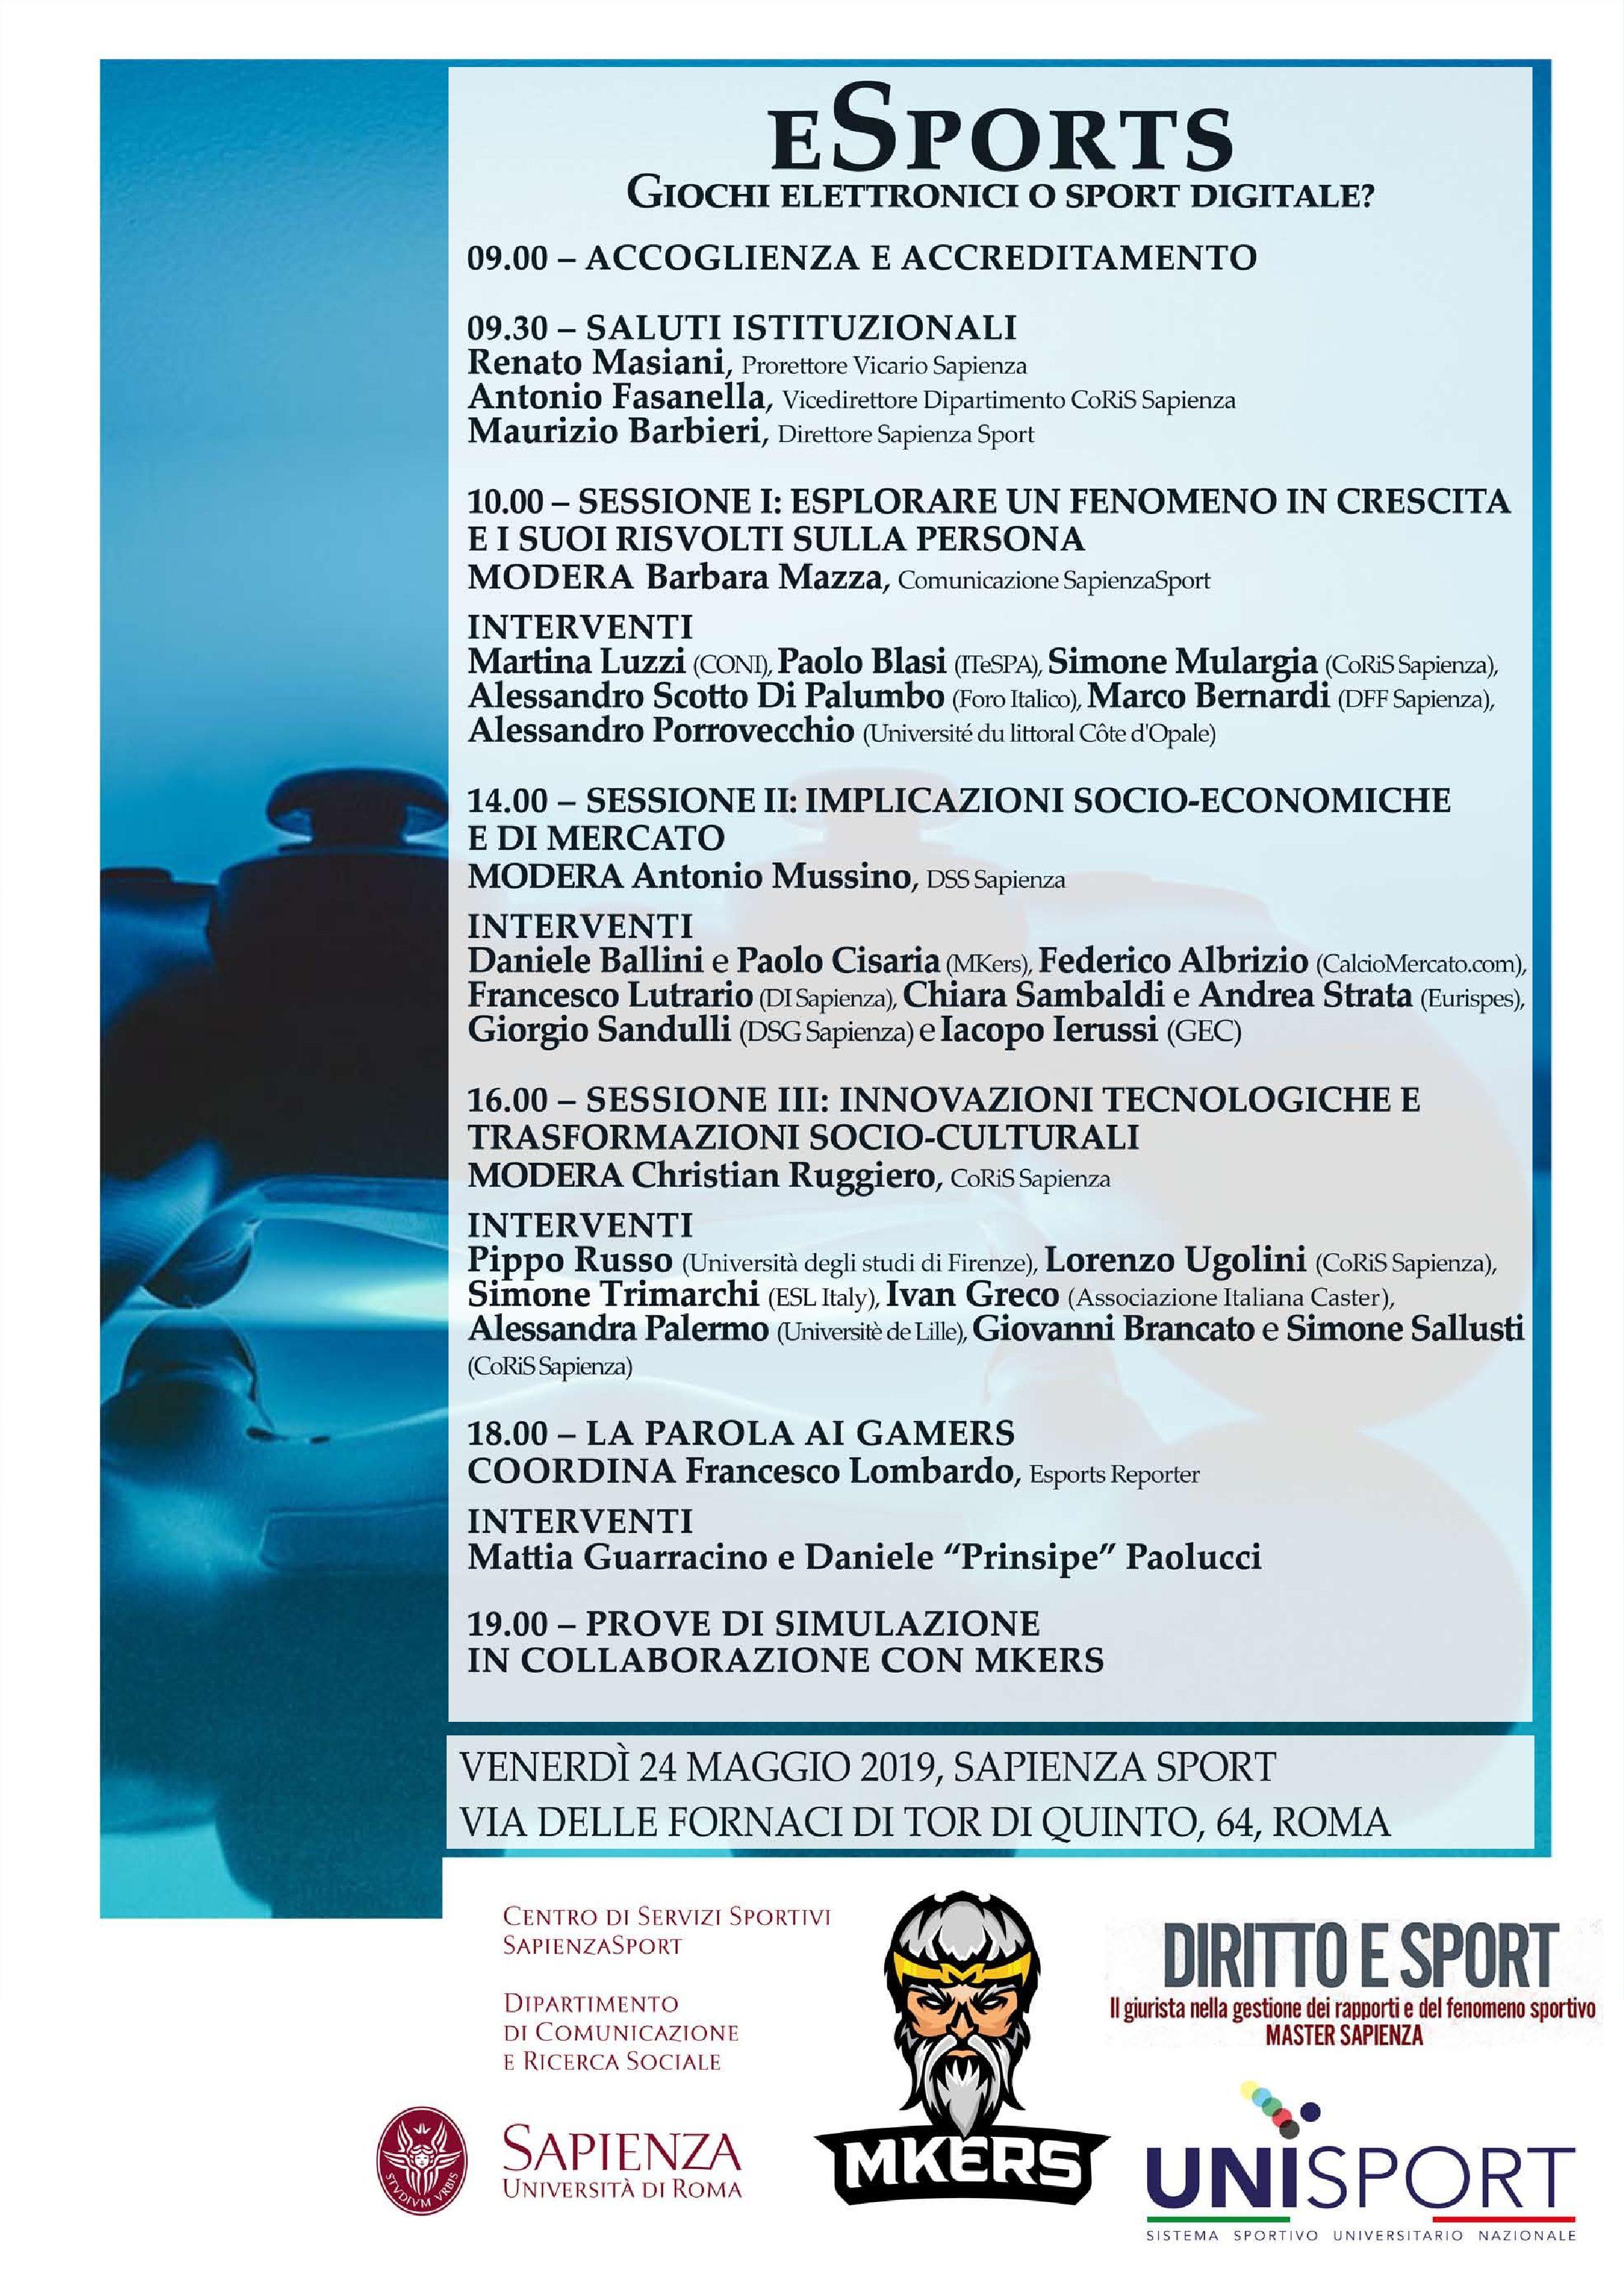 7b18f2a1d2 Gli e-sports sotto la lente d'ingrandimento dell'Università La Sapienza